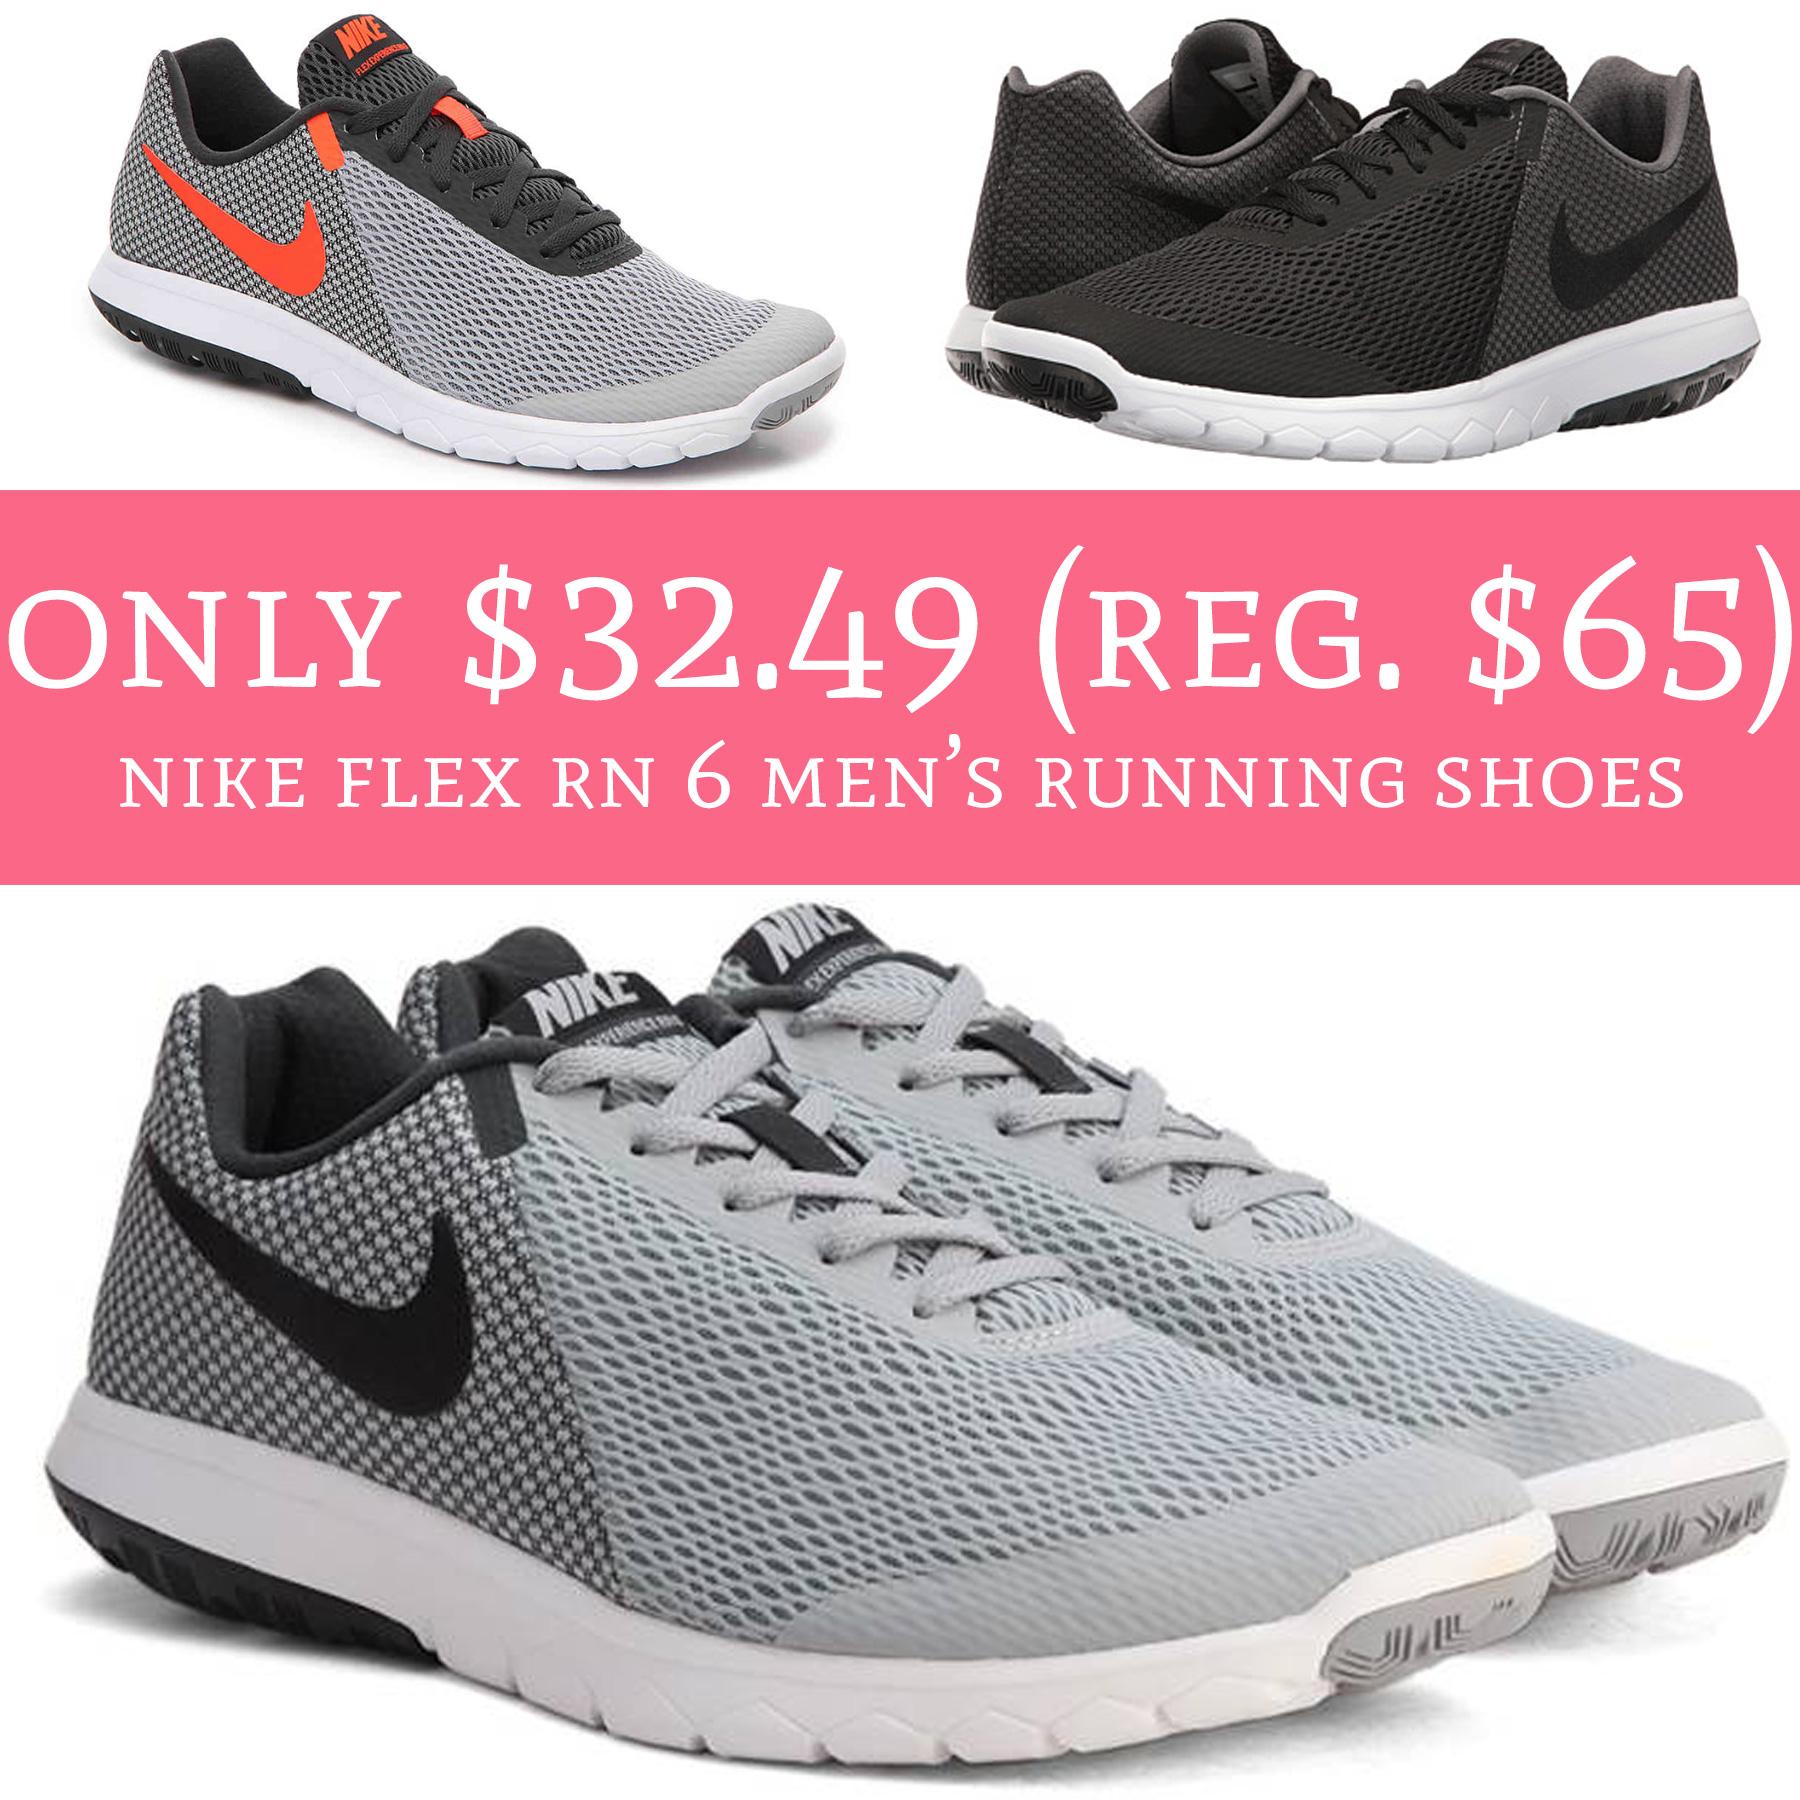 7bdfc330ed7 RUN! Only  32.49 (Regular  65) Nike Flex RN Men s Running Shoes ...